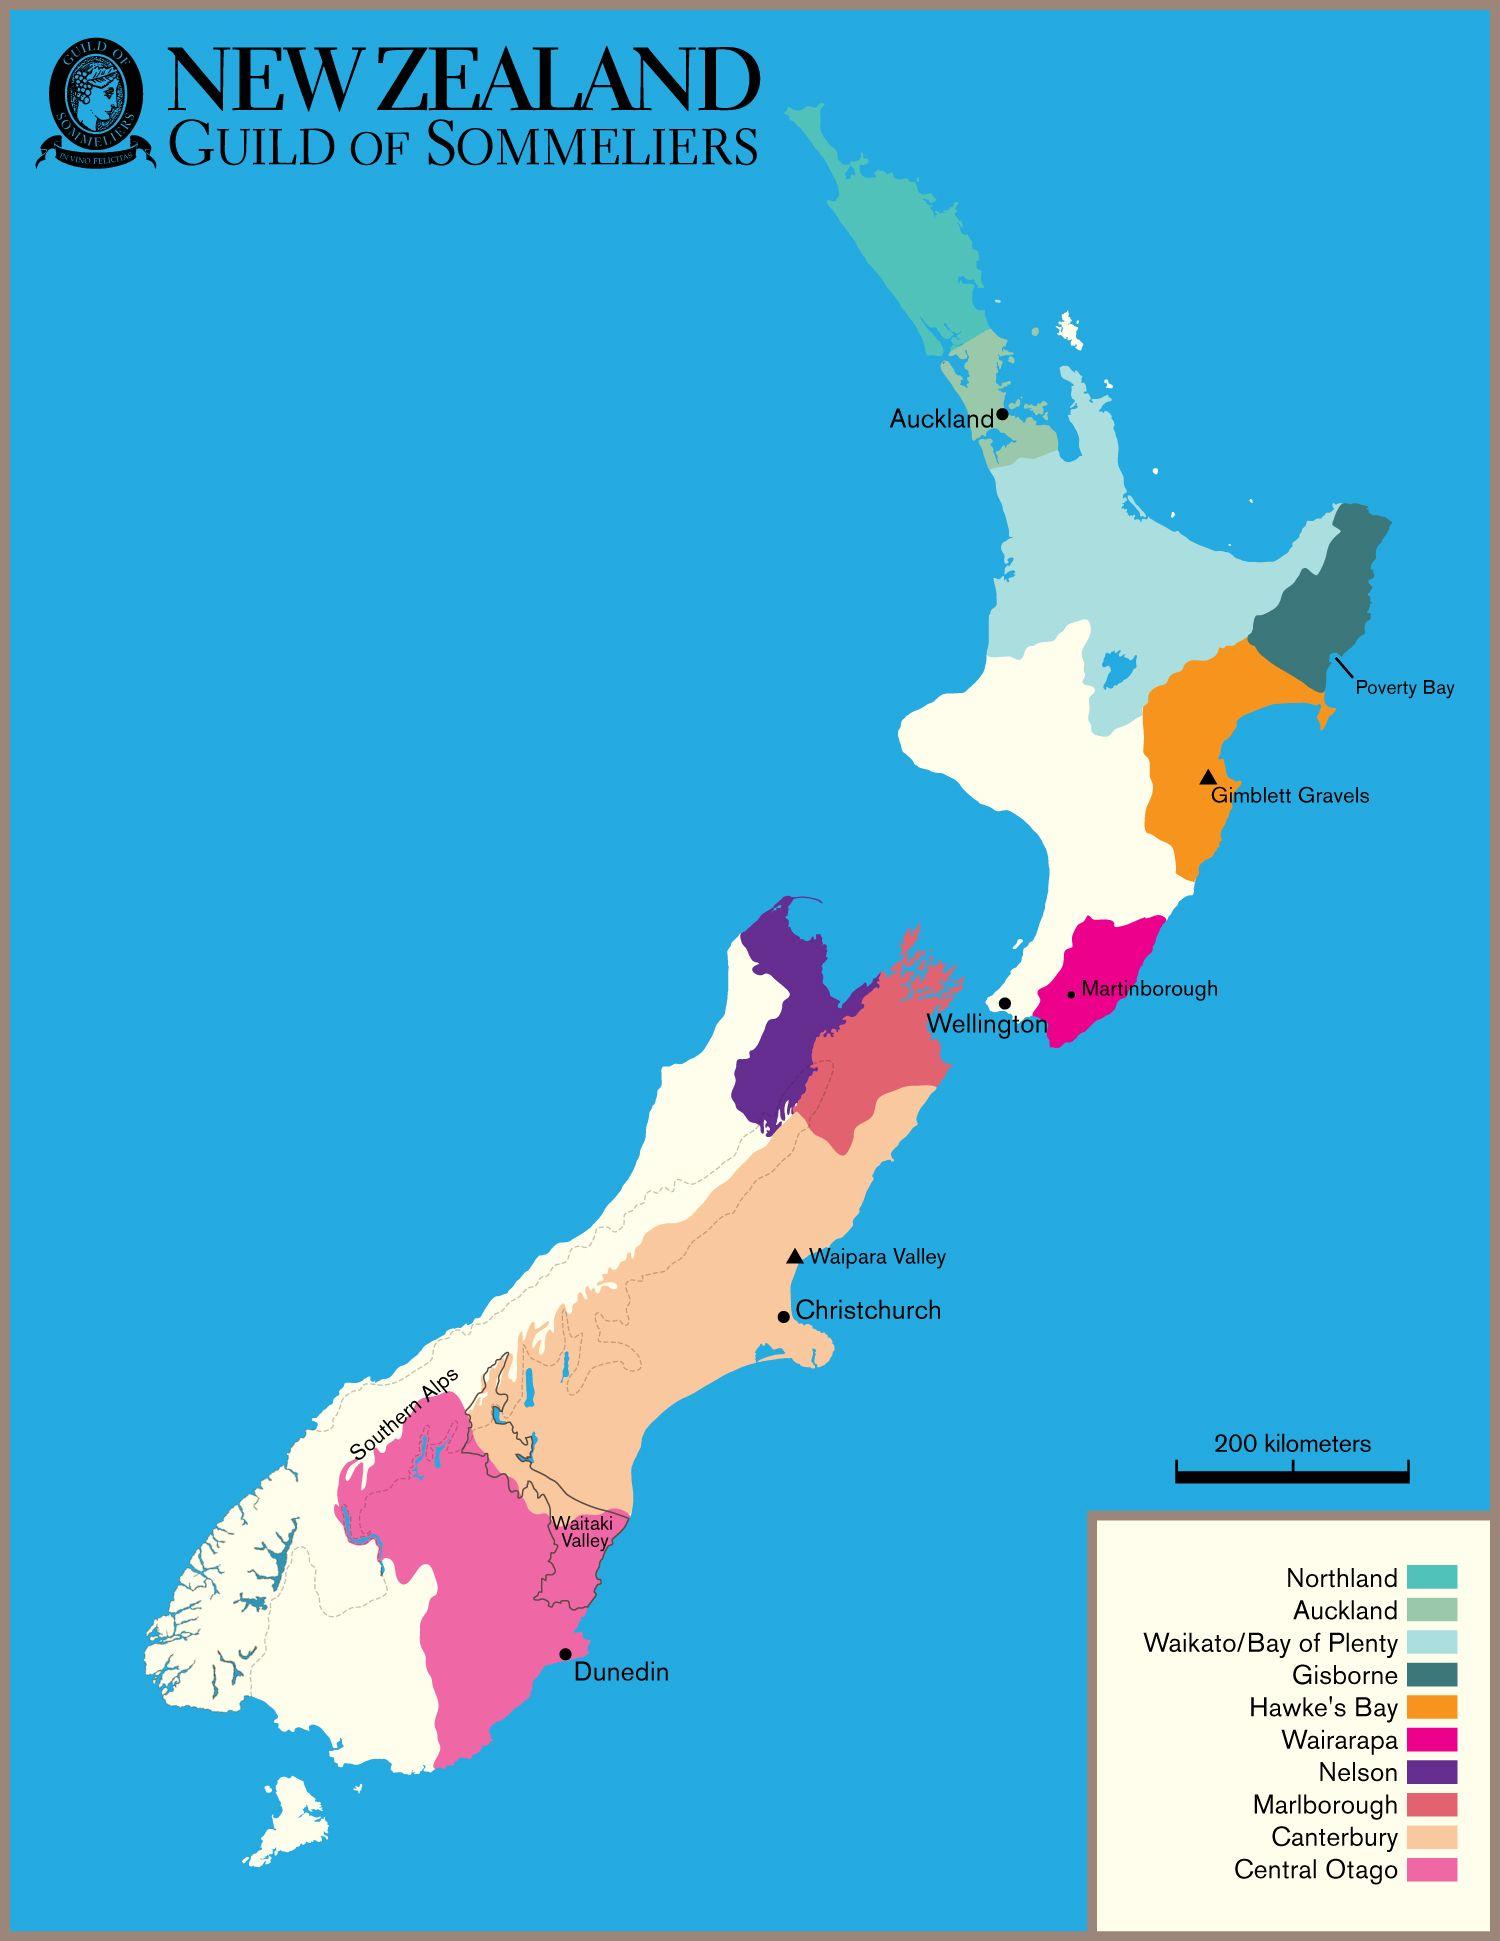 Wineries In New Zealand Best Design